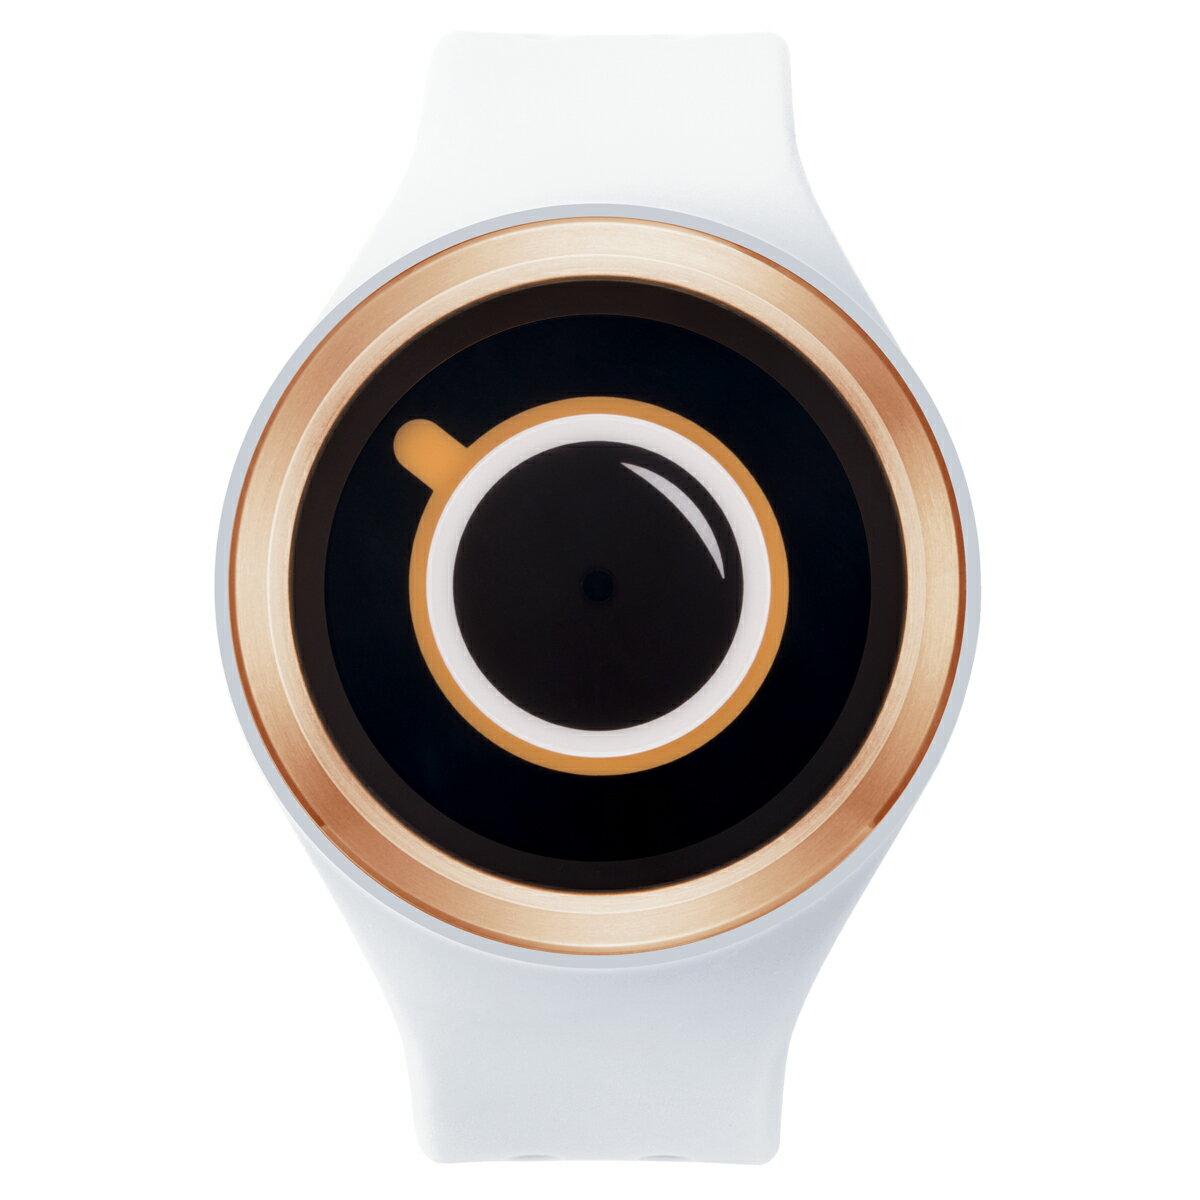 ZEROO COFFEE TIME ゼロ 電池式クォーツ 腕時計 [W00301B05SR01] ホワイト デザインウォッチ ペア用 メンズ レディース ユニセックス おしゃれ時計 デザイナーズ